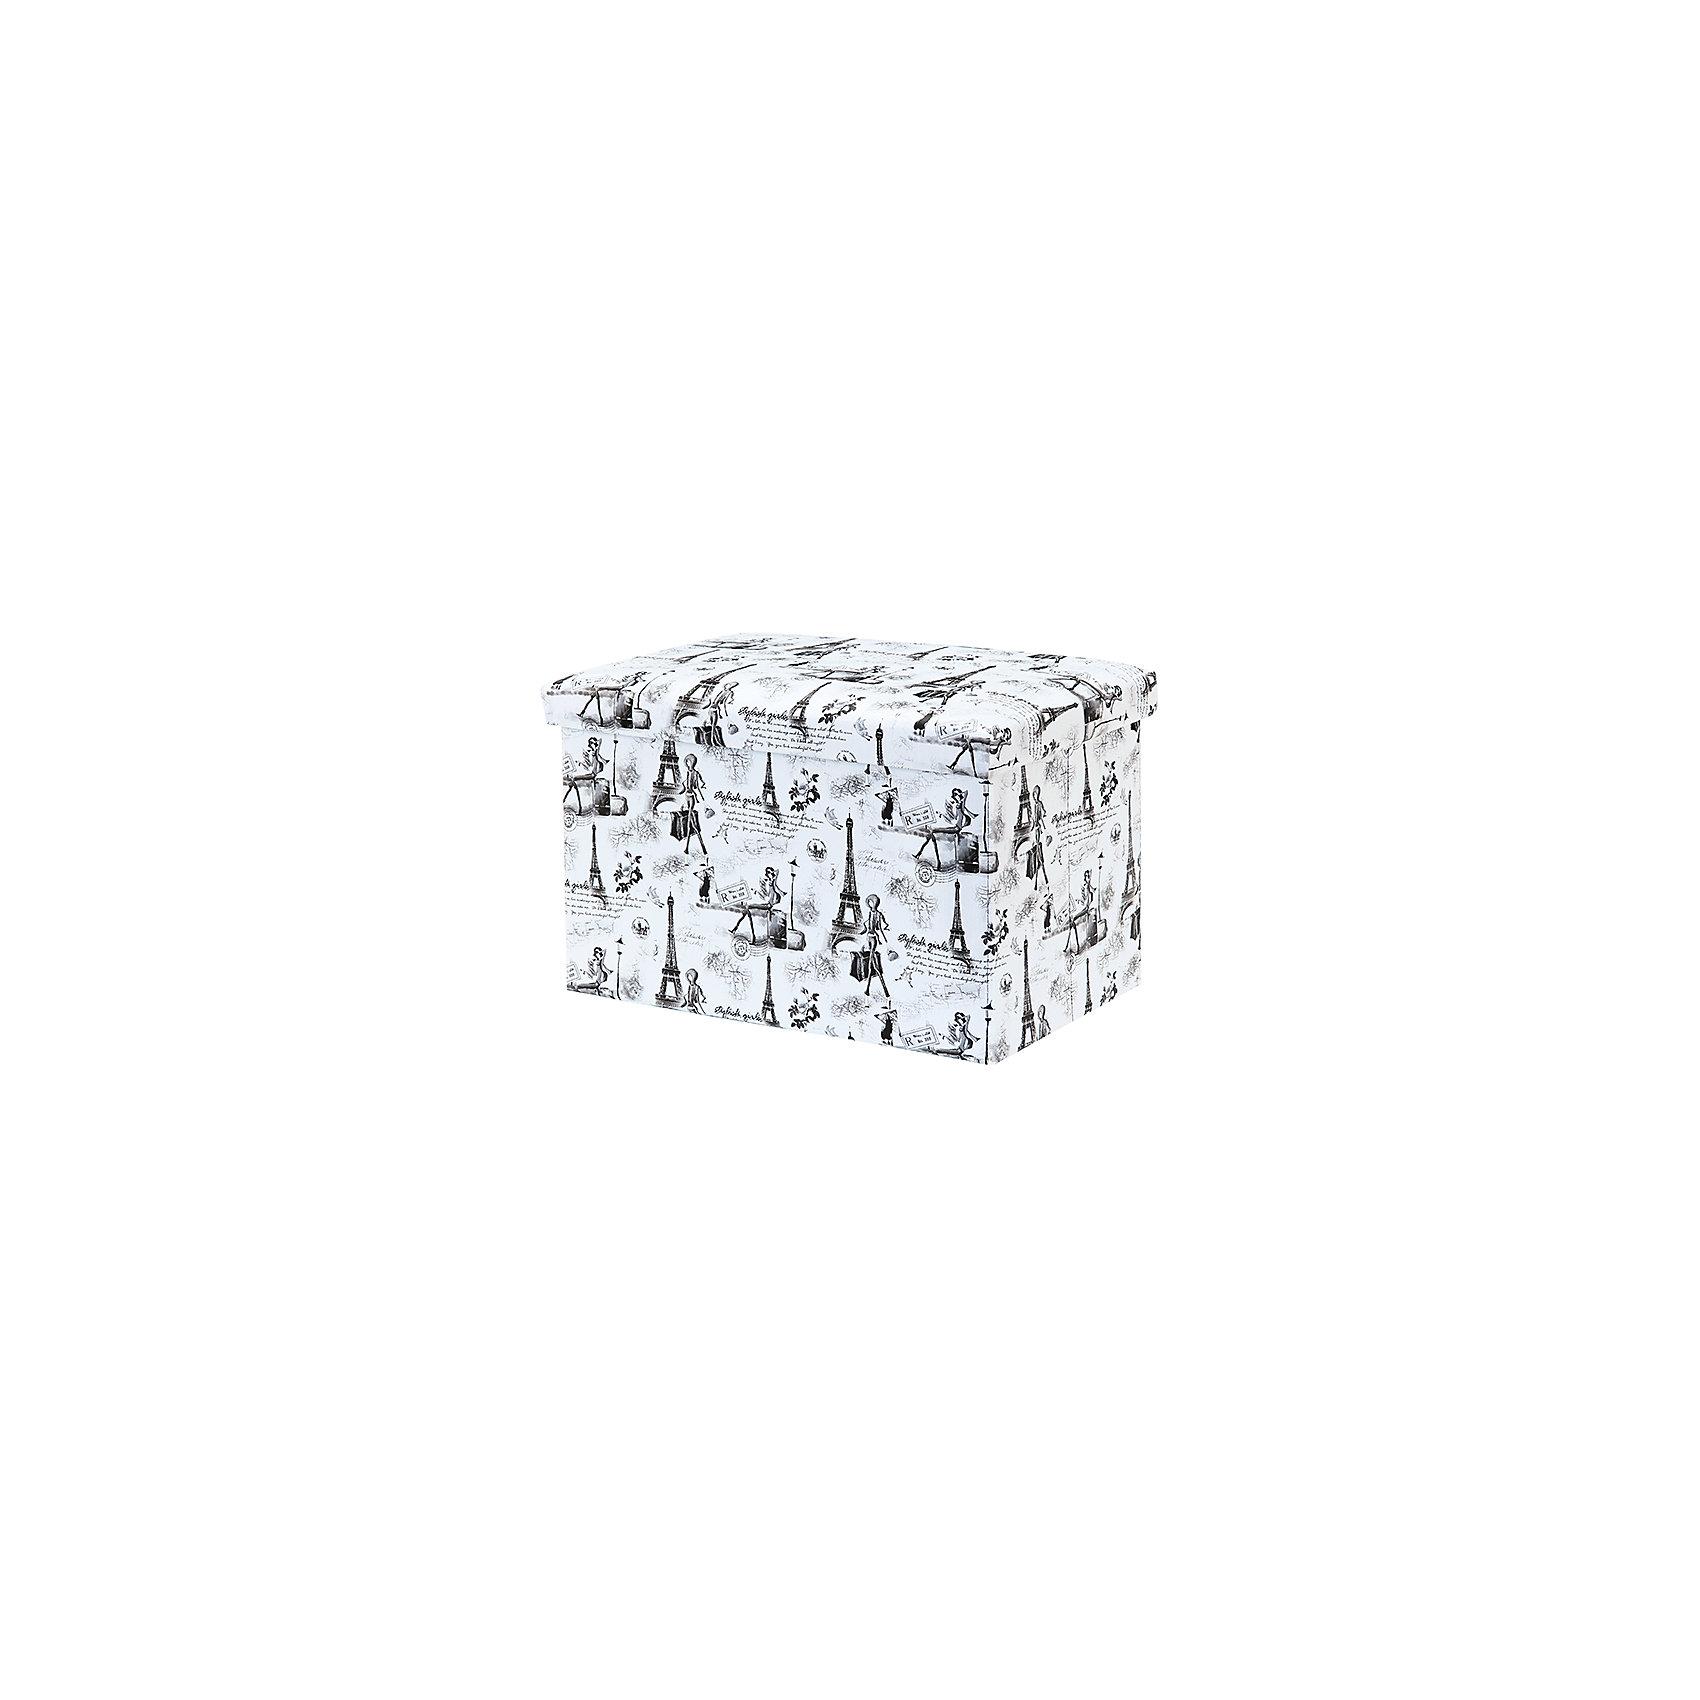 Пуф складной с ящиком для хранения 48*31*31 см. Модный Париж, EL CasaПорядок в детской<br>Характеристики товара:<br><br>• цвет: мульти<br>• материал: МДФ, экокожа<br>• размер: 48 х 31 х 31 см<br>• вес: 1000 г<br>• легко складывается<br>• декорирован принтом<br>• с ящиком для хранения<br>• удобный<br>• вместительный<br>• универсальный размер<br>• страна бренда: Российская Федерация<br>• страна производства: Китай<br><br>Такой пуф - отличный пример красивой и функциональной вещи для любого интерьера. В нем удобной хранить различные мелочи, благодаря универсальному дизайну и расцветке он хорошо будет смотреться в помещении.<br><br>Пуф для хранения может стать отличным приобретением для дома или подарком для любителей красивых оригинальных вещей.<br><br>Бренд EL Casa - это красивые и практичные товары для дома с современным дизайном. Они добавляют в жильё уюта и комфорта! <br><br>Пуф складной с ящиком для хранения 48*31*31 см. Модный Париж, EL Casa можно купить в нашем интернет-магазине.<br><br>Ширина мм: 480<br>Глубина мм: 310<br>Высота мм: 60<br>Вес г: 2375<br>Возраст от месяцев: 0<br>Возраст до месяцев: 1188<br>Пол: Унисекс<br>Возраст: Детский<br>SKU: 6668686